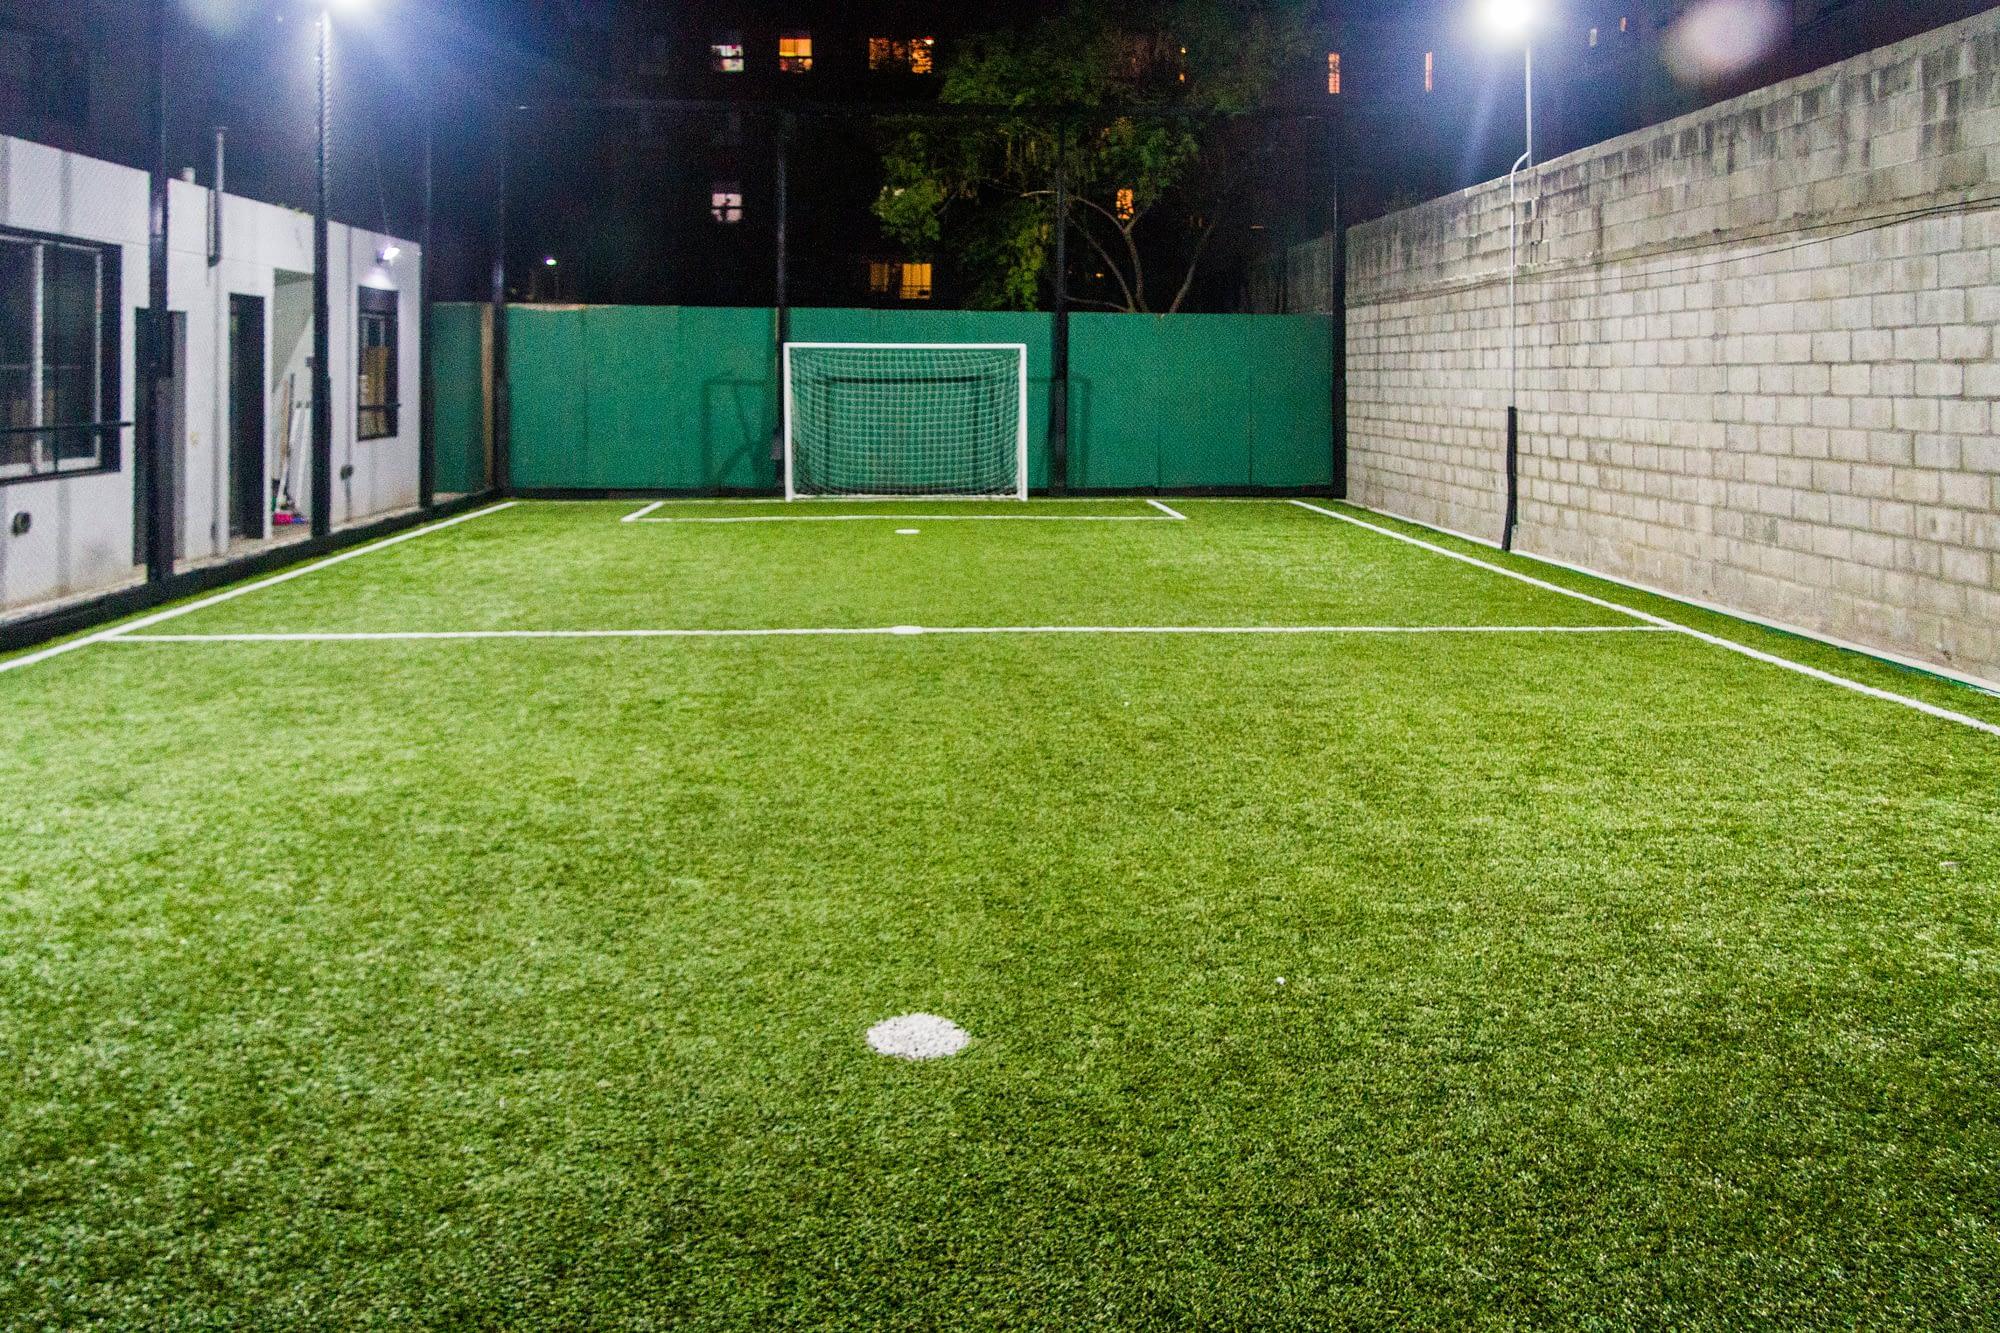 Fresias Garden - Bric Construcciones y Desarrollos cancha de futbol